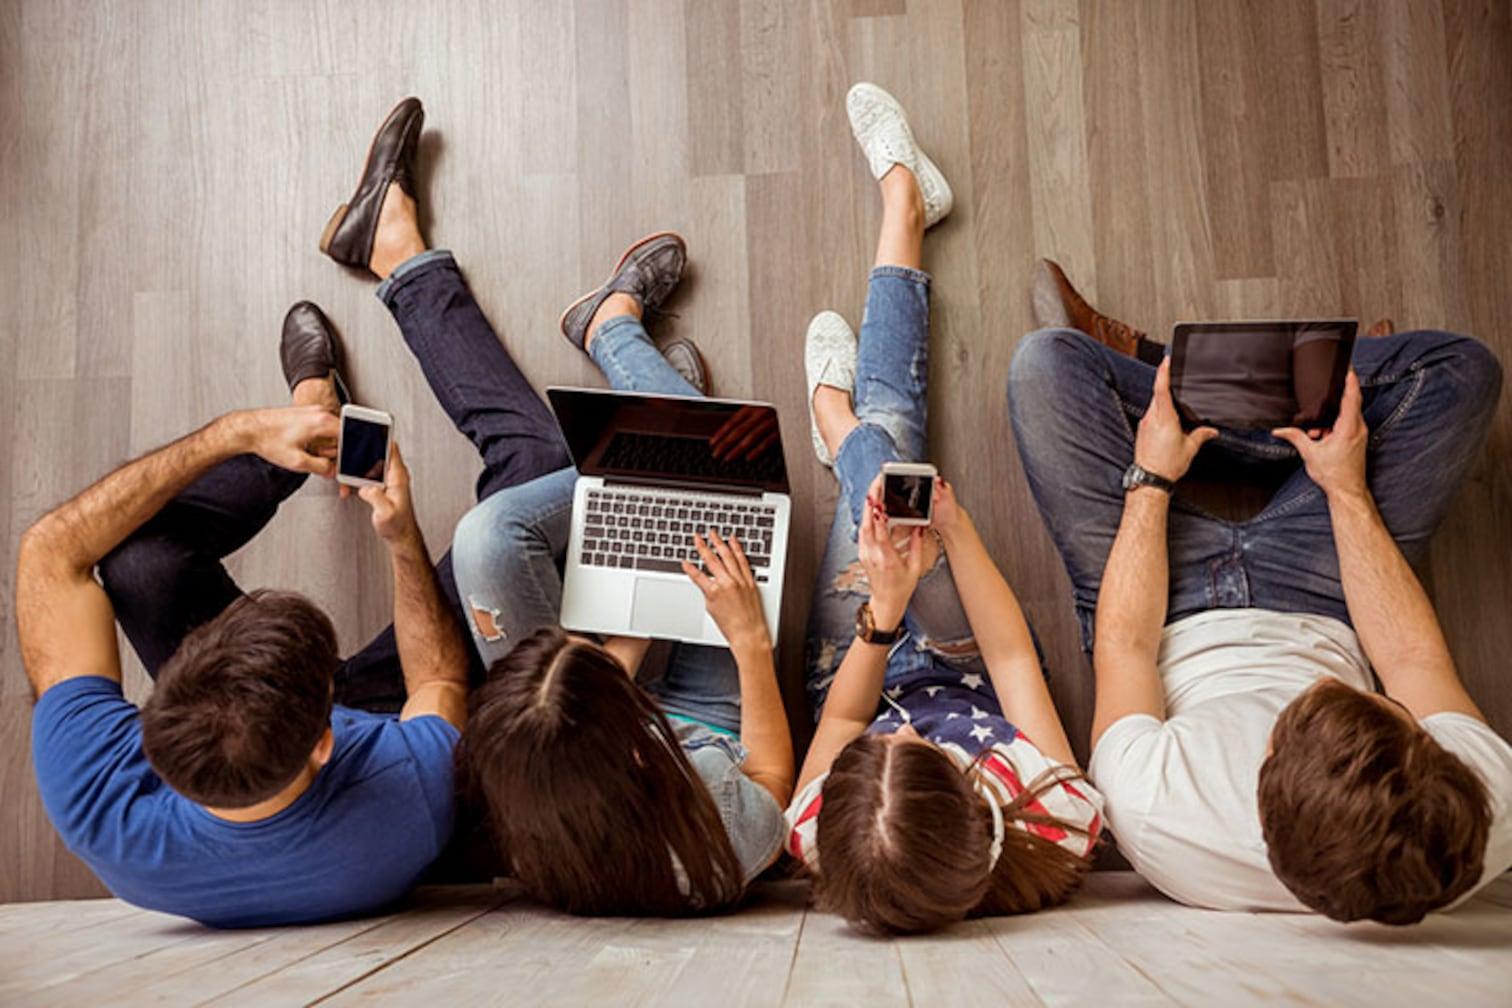 ネットでコンテンツの消費はするが、発信はほとんどしない日本の子どもたち